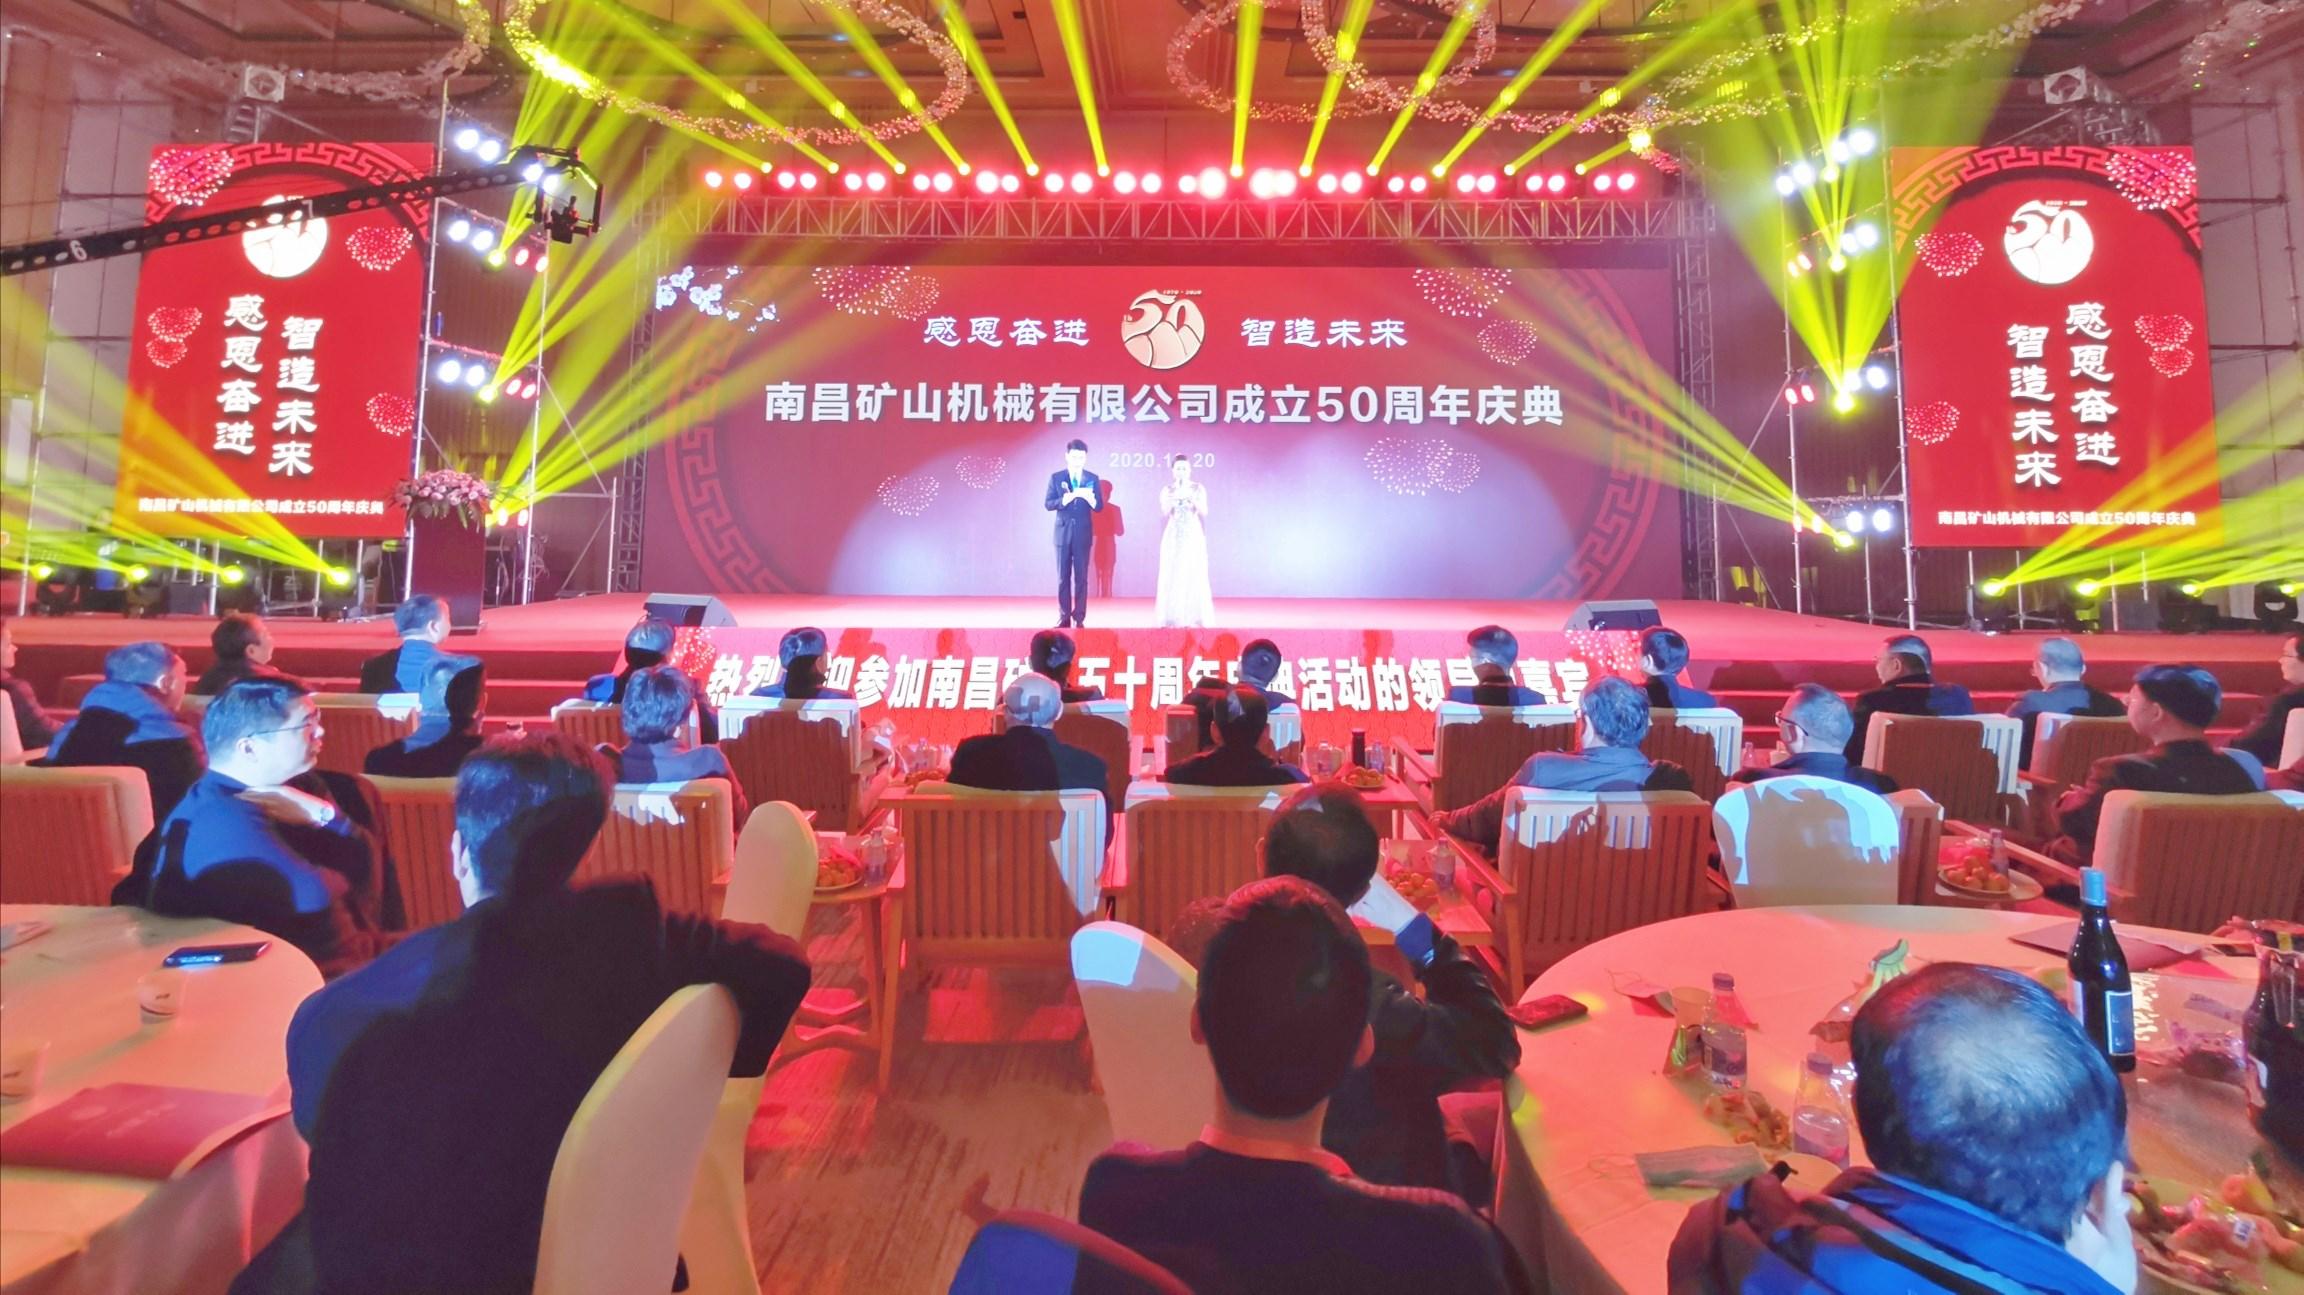 广受关注,多家媒体竞相报道南昌矿机五十周年华诞